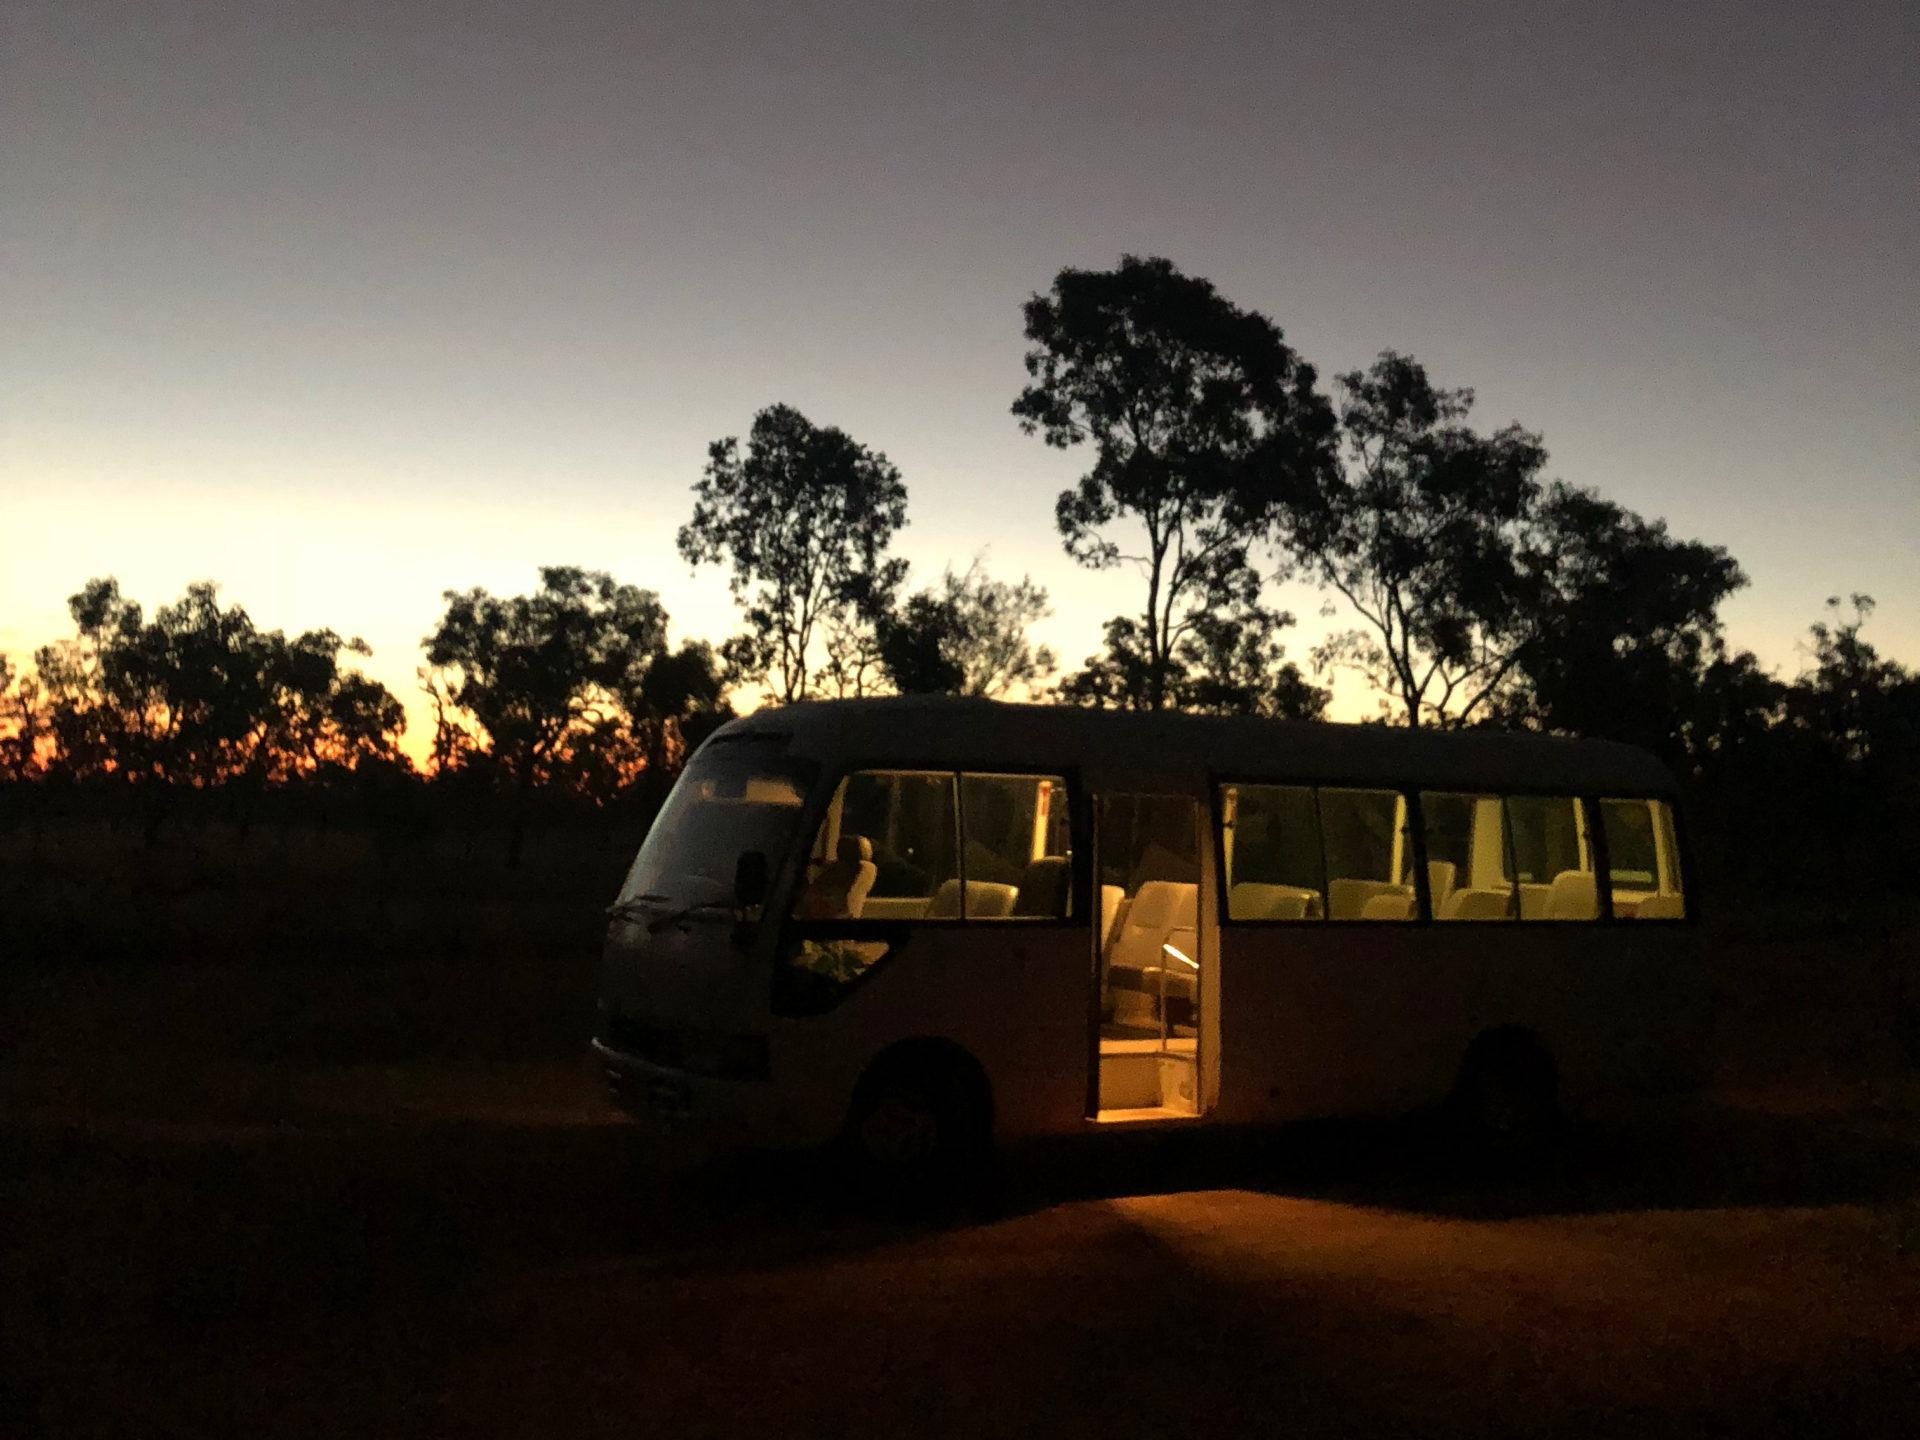 Leerer beleuchteter Bus auf einem Raod Trip durch Queensland vor der einbrechenden Dunkelheit und Eukalyptus-Bäumen in Queensland